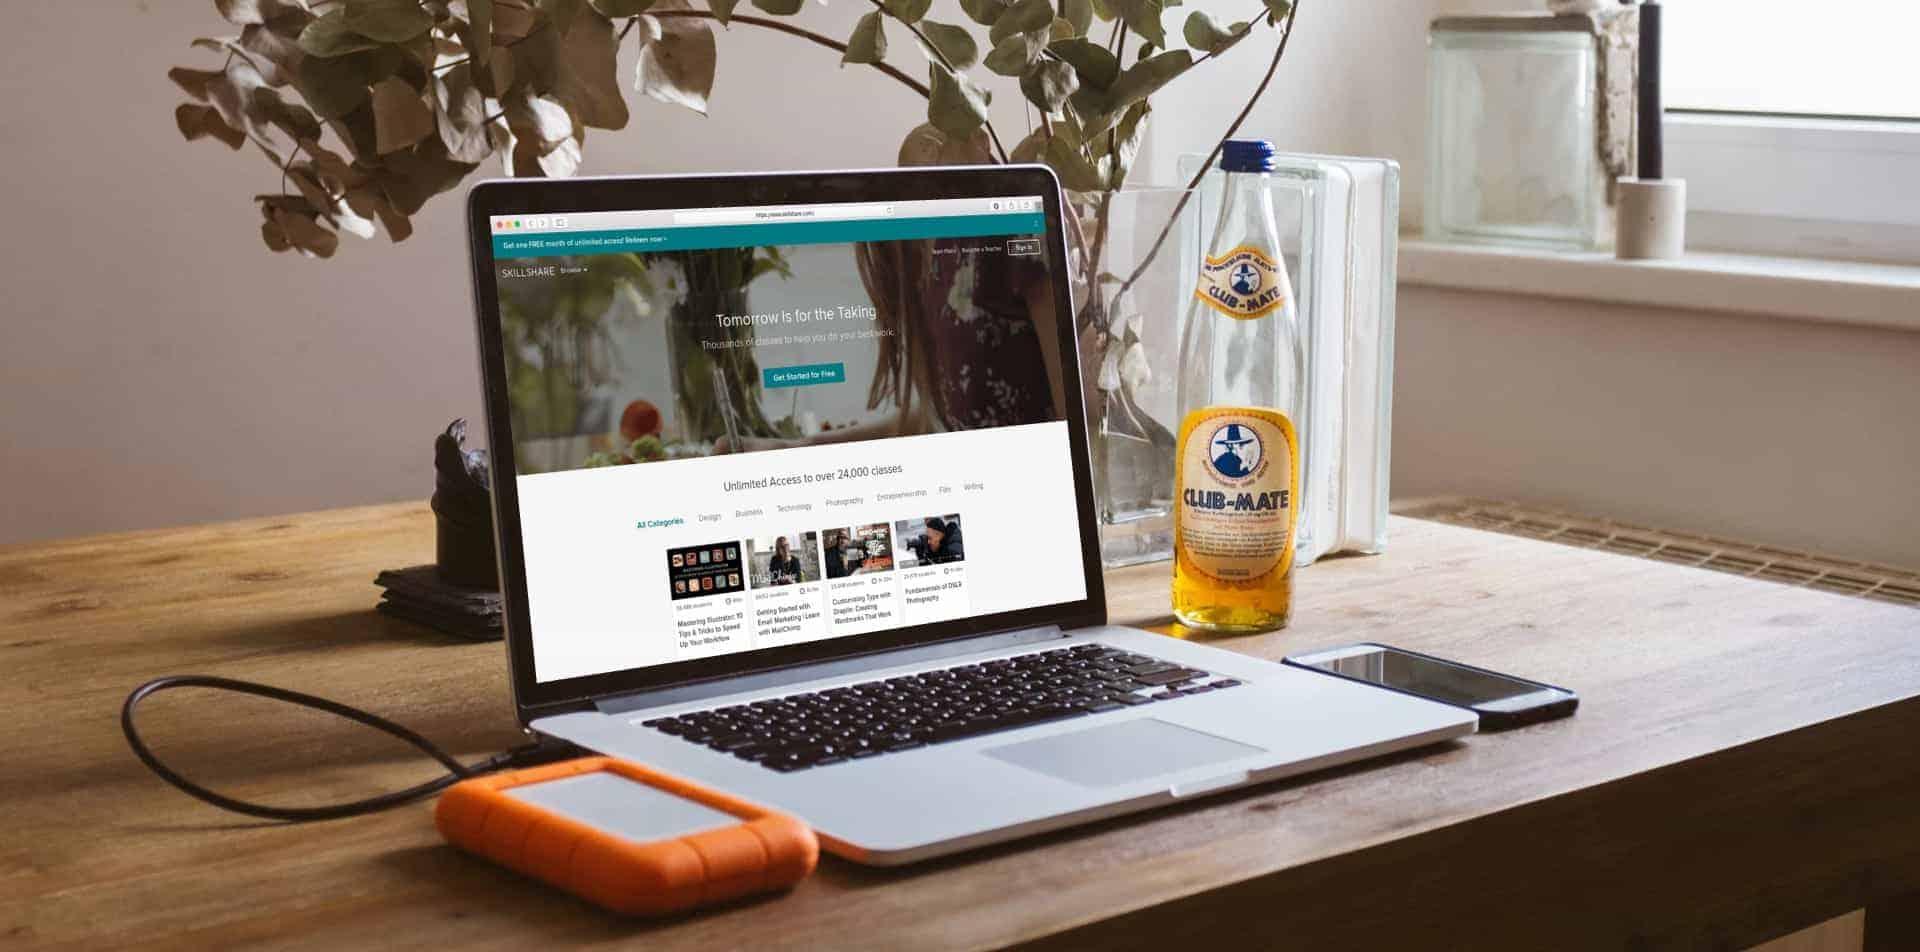 Skillshare site on laptop on wooden desk